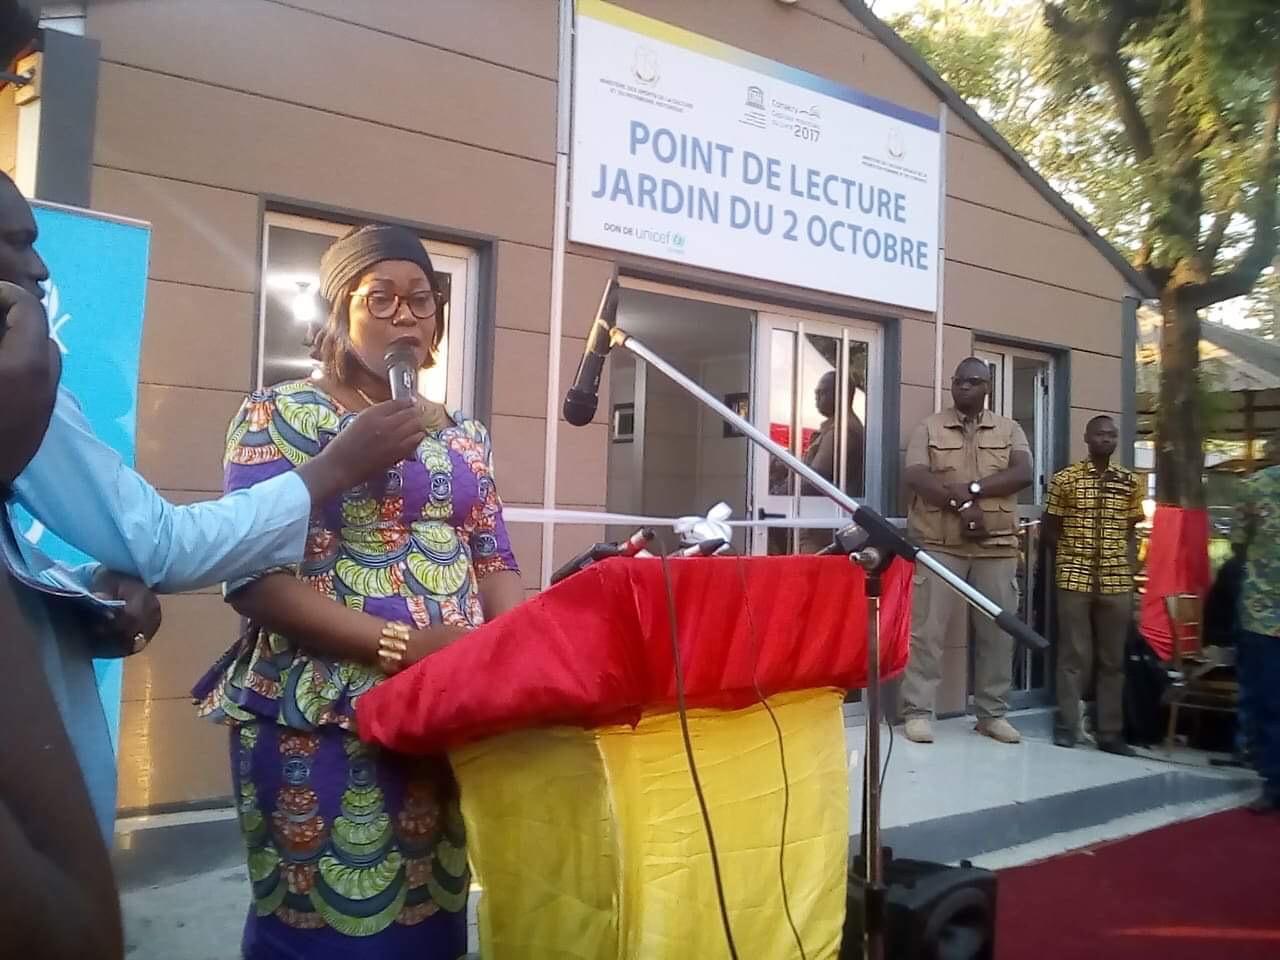 Conakry capitale du livre: Inauguration du point de lecture du jardin du 02 octobre.